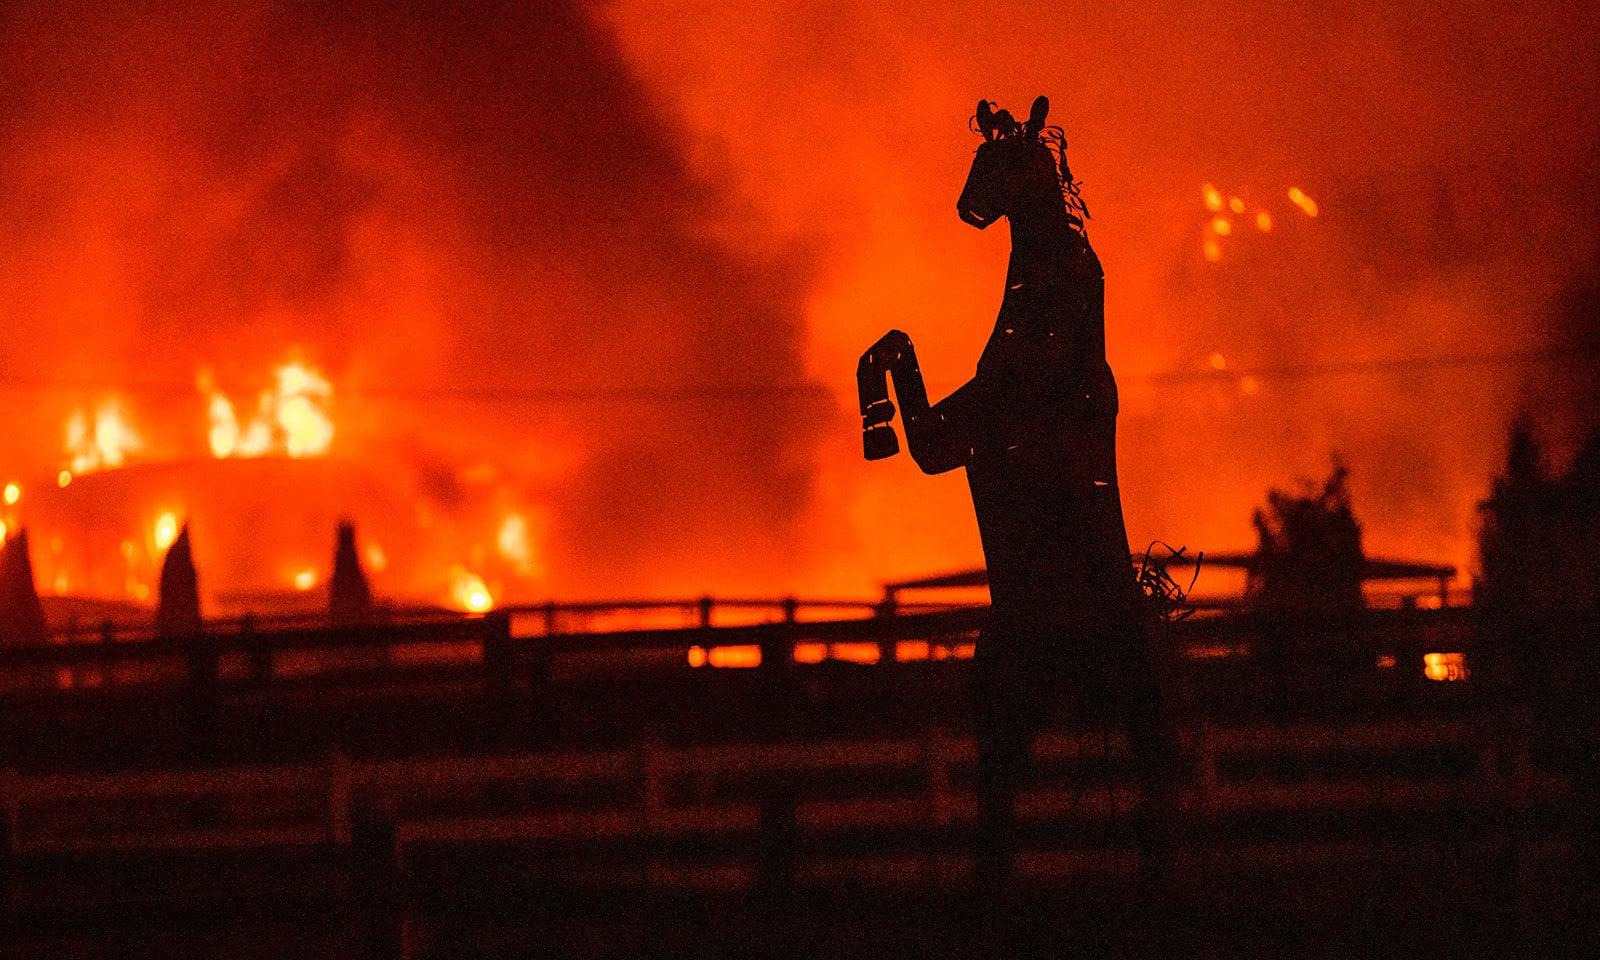 کیلیفورنیا میں آگ نے نجی املاک کو نقصان پہنچایا—فوٹو:اے ایف پی